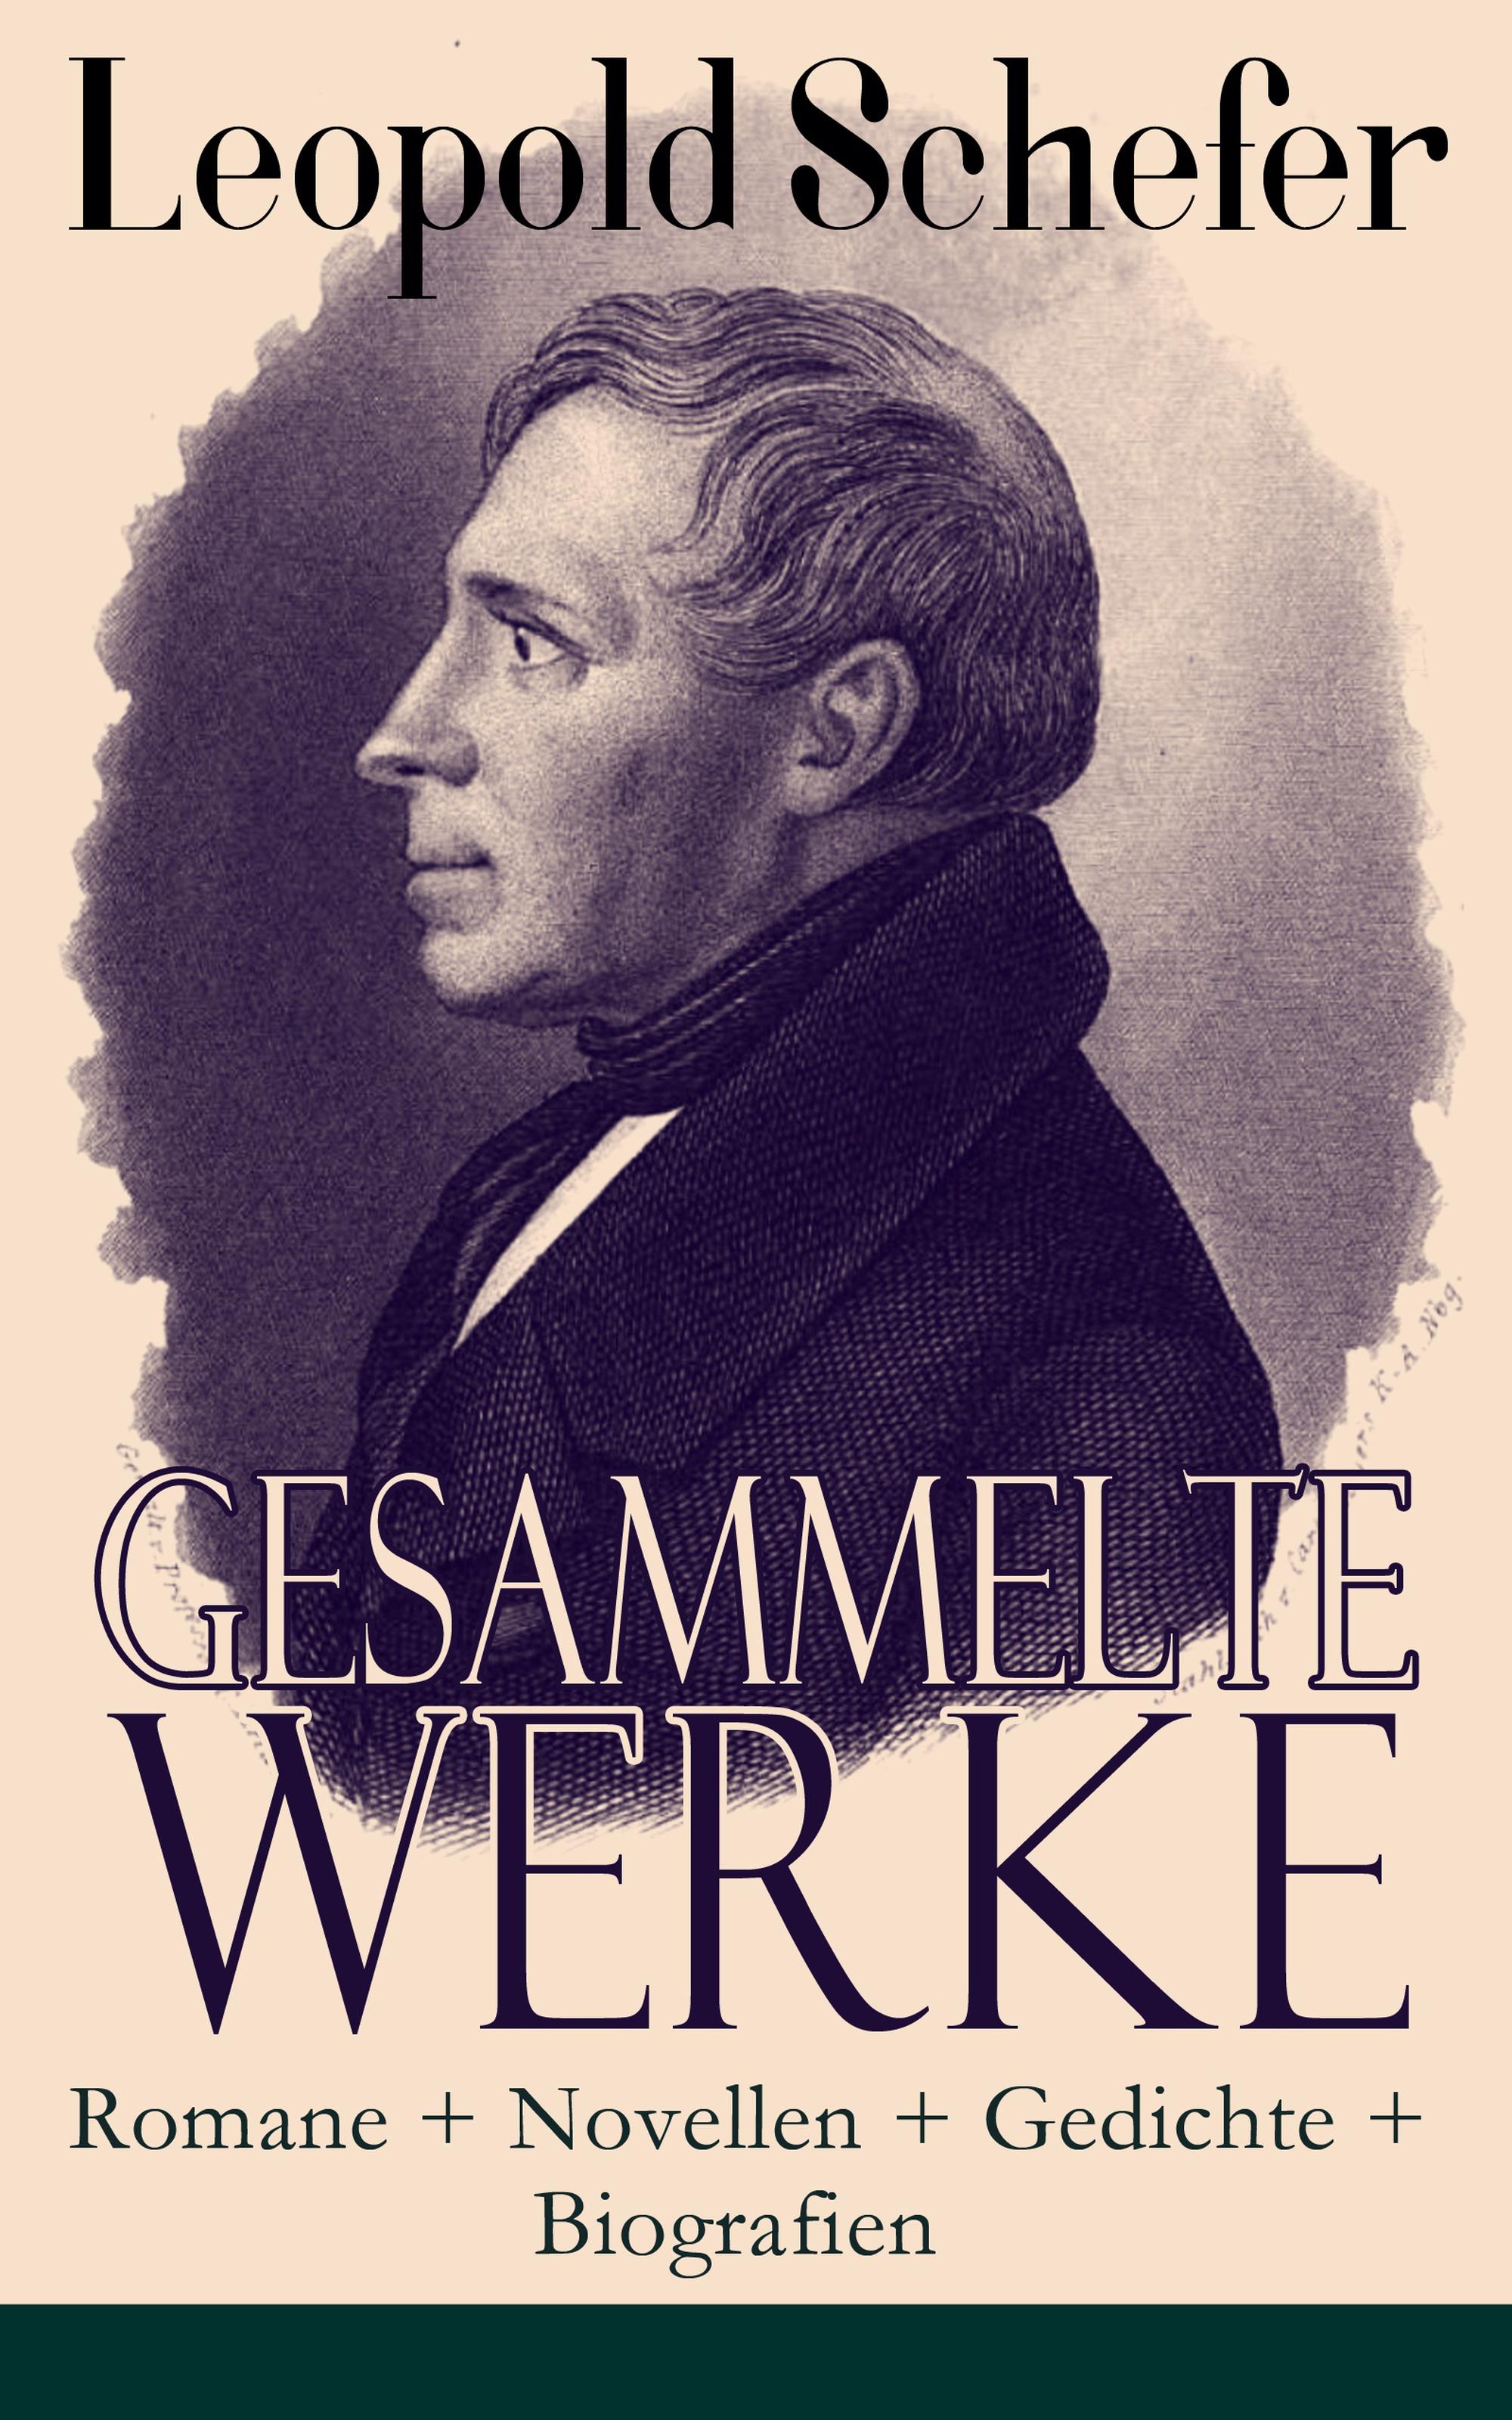 Leopold Schefer Gesammelte Werke: Romane + Novellen + Gedichte + Biografien louise otto gesammelte werke romane frauenbewegung essays biografien gedichte